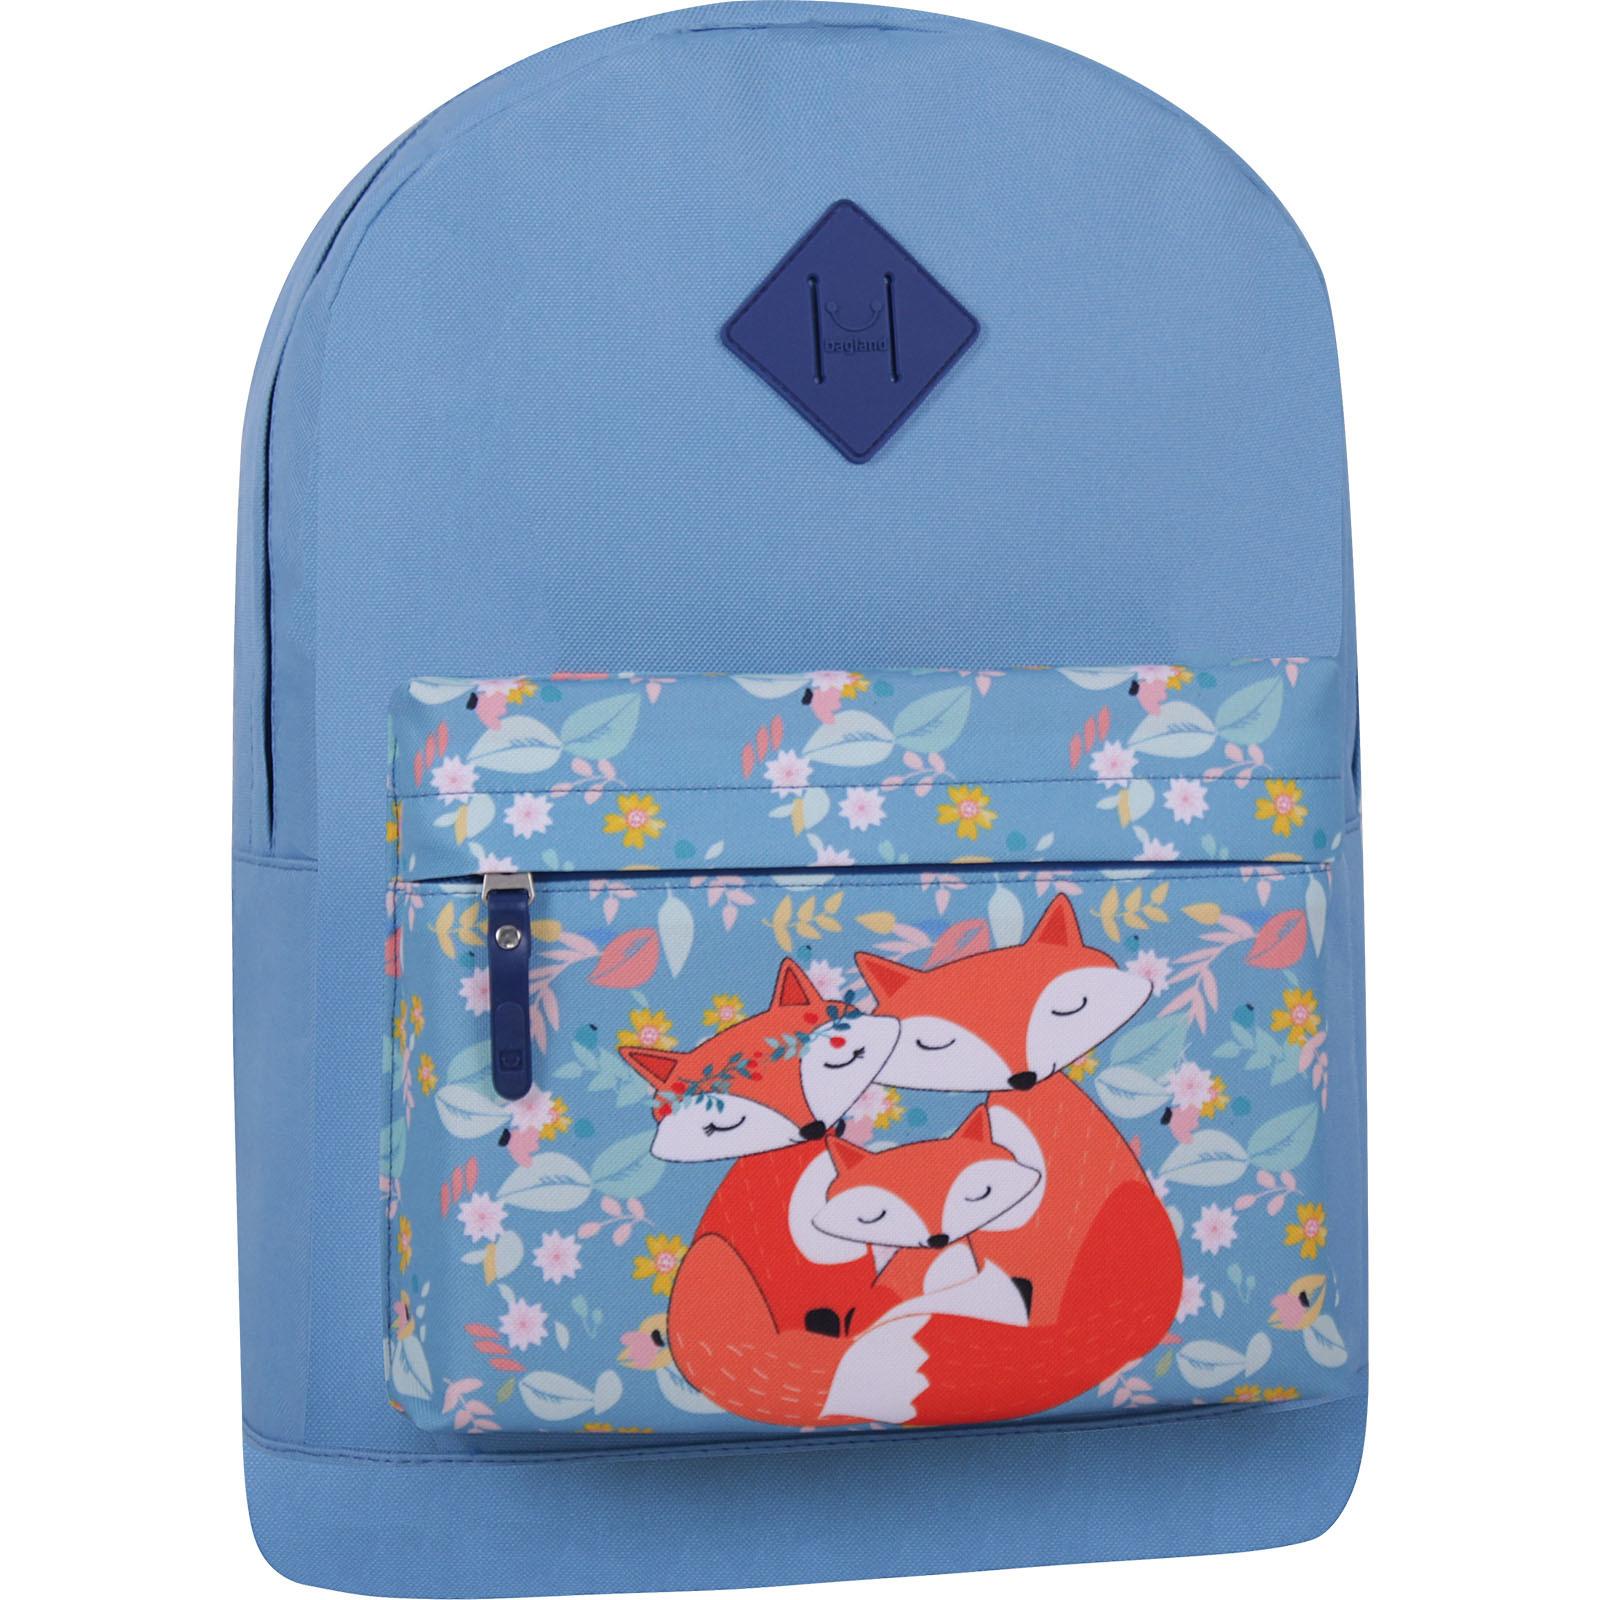 Городские рюкзаки Рюкзак Bagland Молодежный W/R 17 л. Голубой 753 (00533662) IMG_7238_суб.753_-1600.jpg